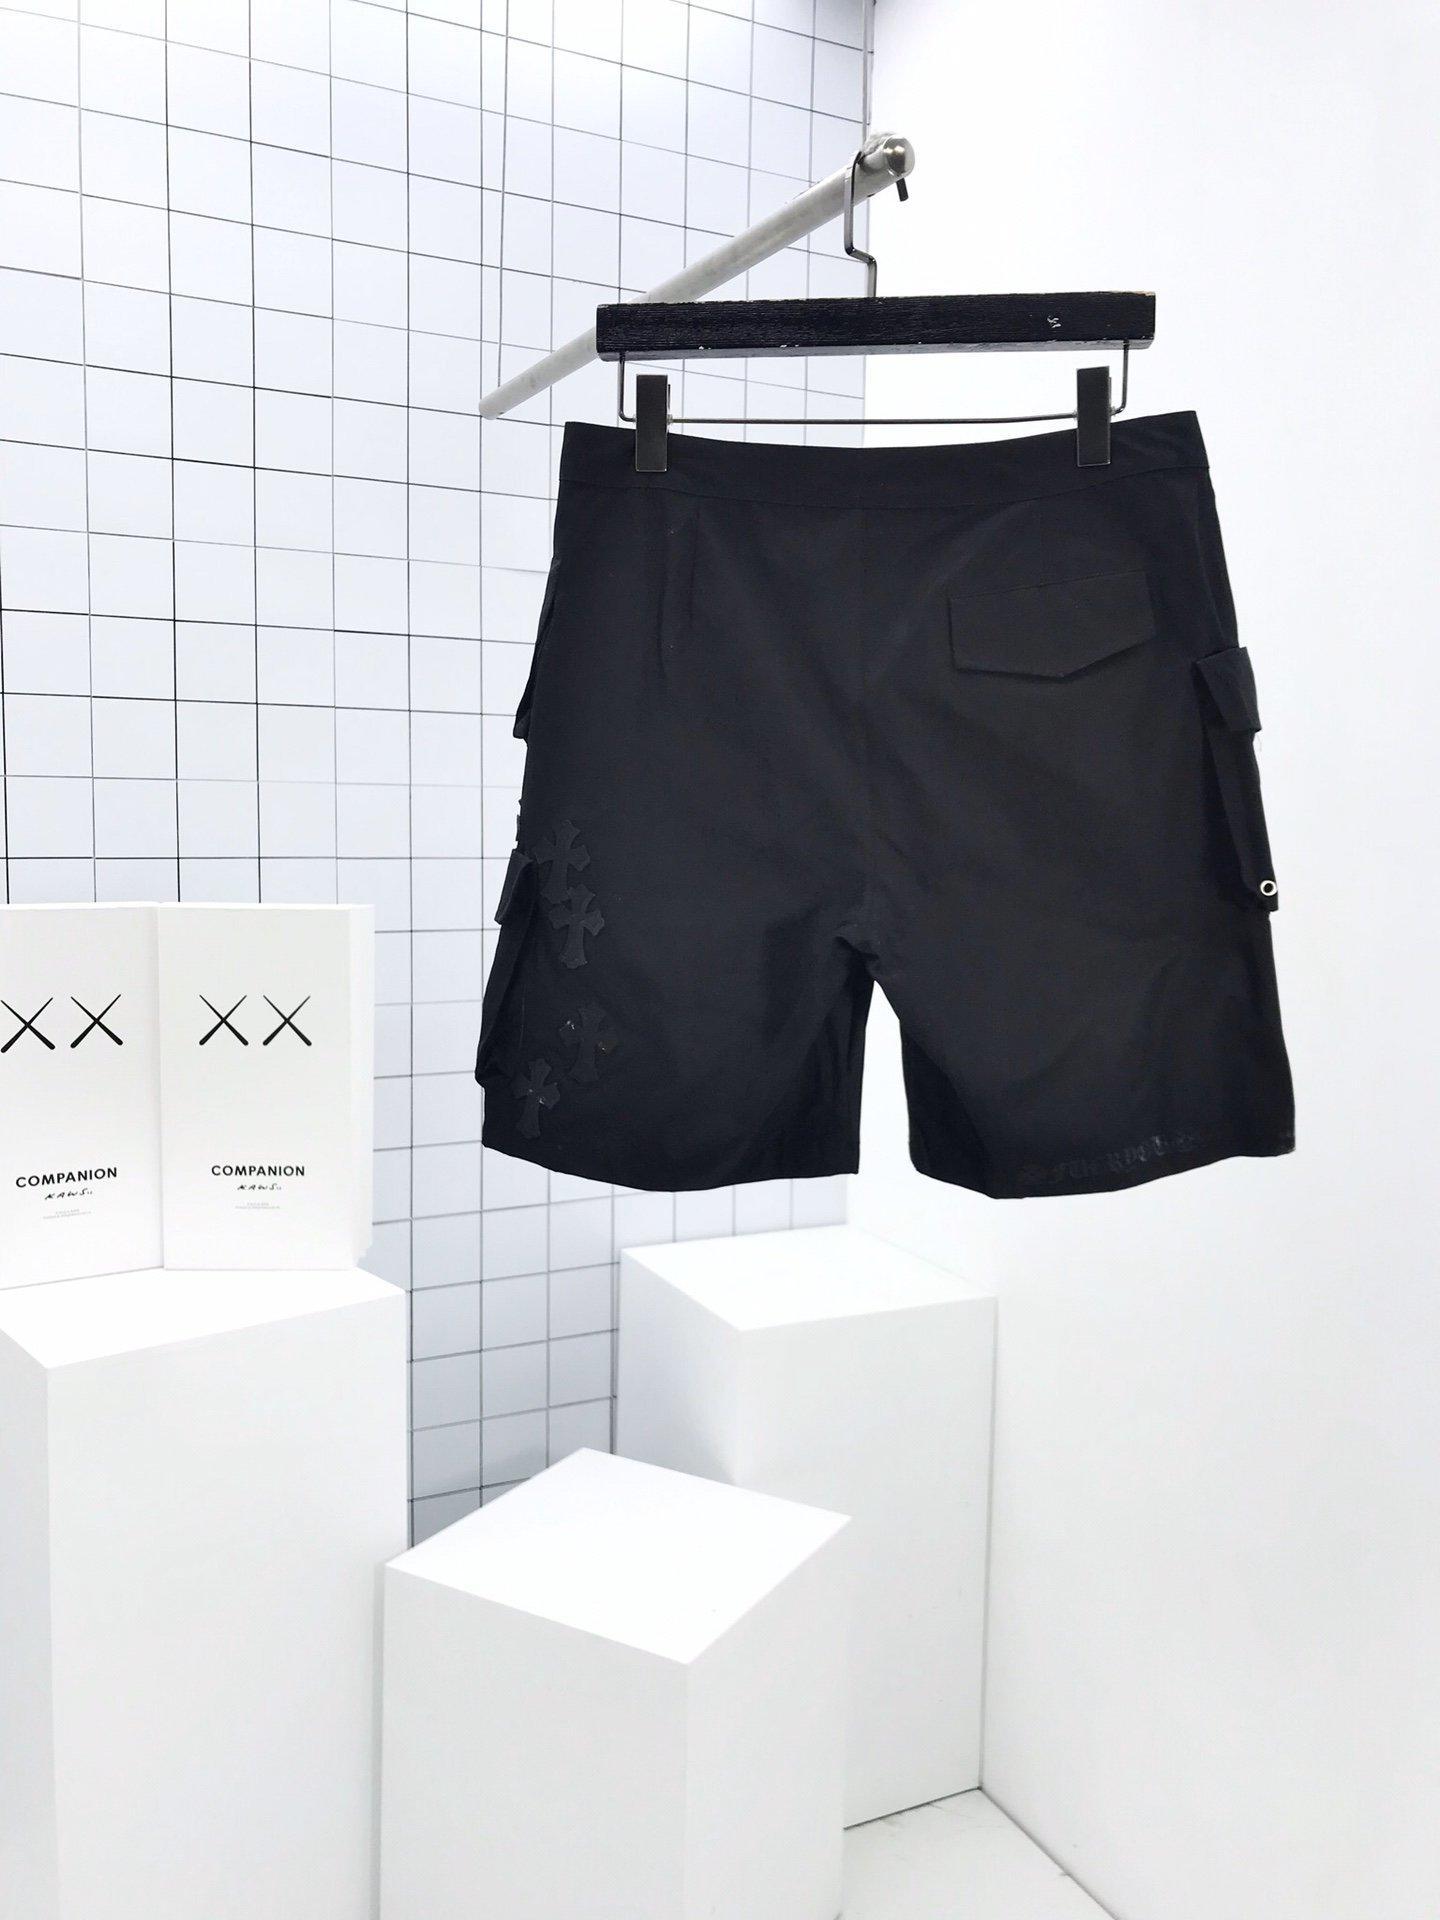 Cuero cruzada pantalones cortos de bolsillo de diseño camisetas para hombre chándal con capucha de las mujeres de ropa para mujer diseñador t pantalones cortos camisas del diseñador